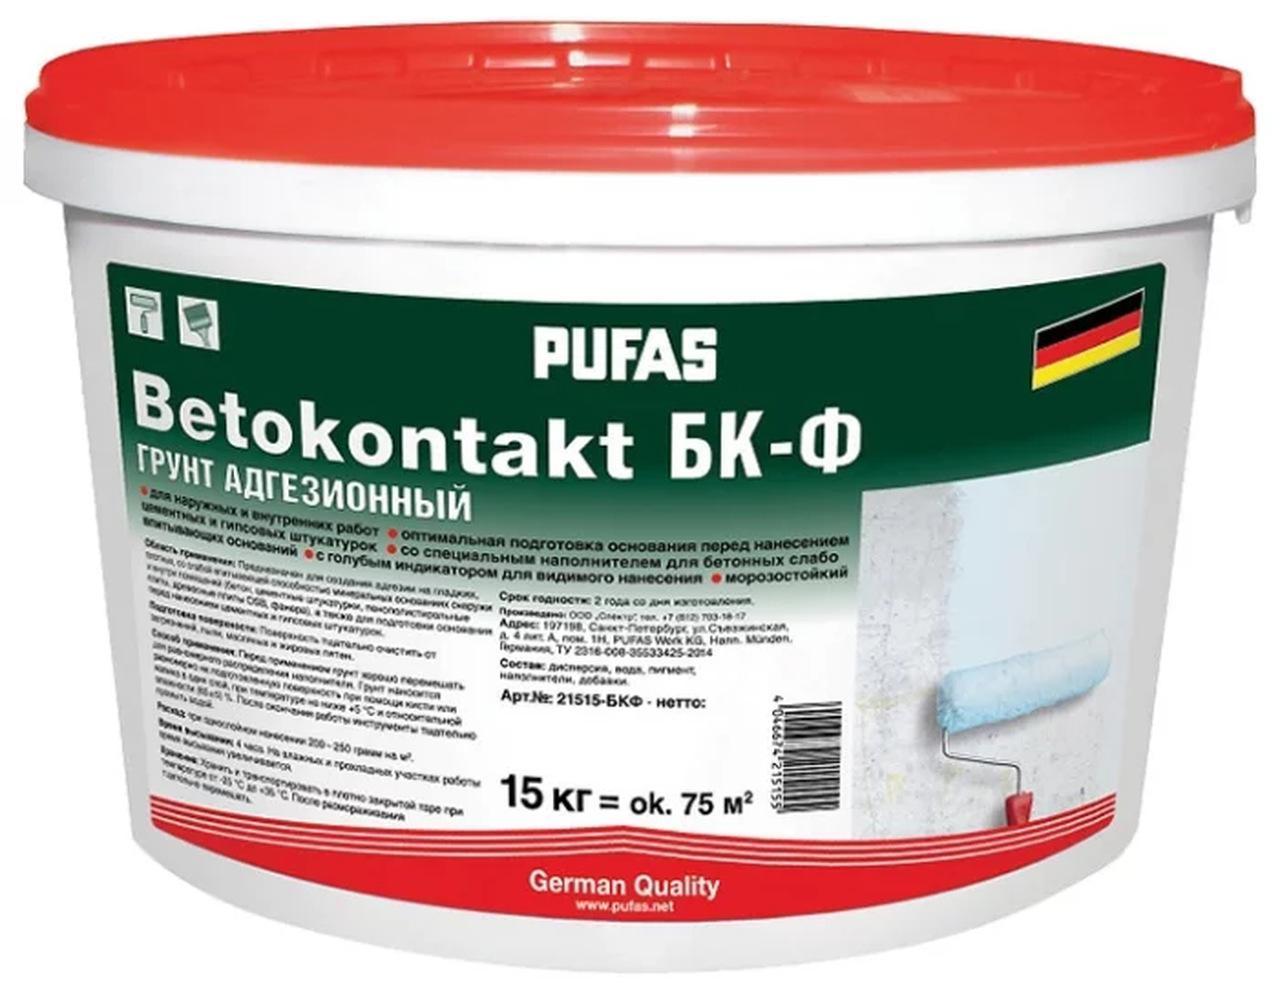 Грунтовка Pufas Бетоконтакт БК для внутренних работ 15кг для повышения адгезии, мороз. фото